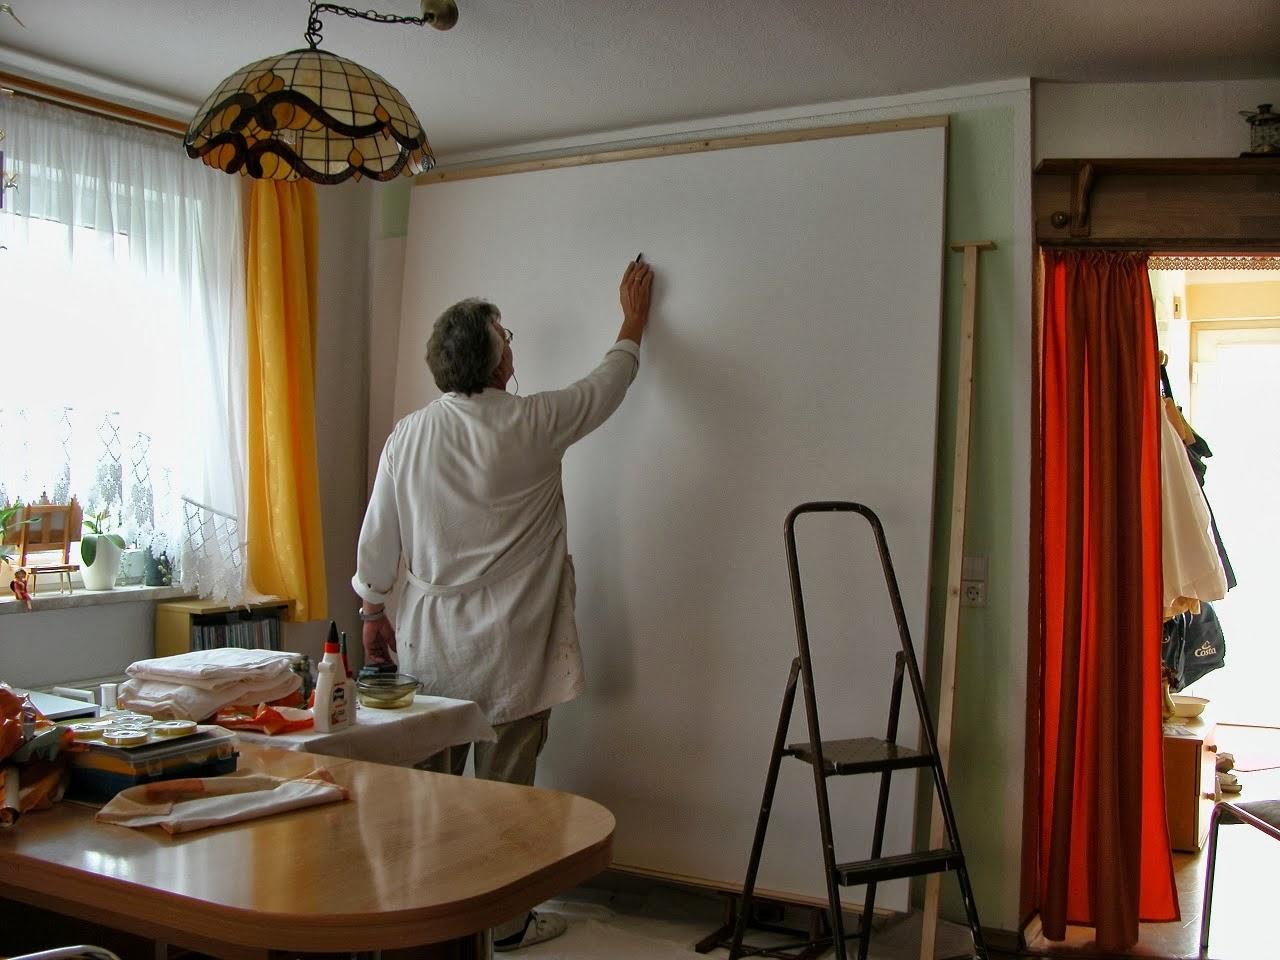 190-Atelieraufnahme-vom-Beginn-eines-Familiewappens-2008